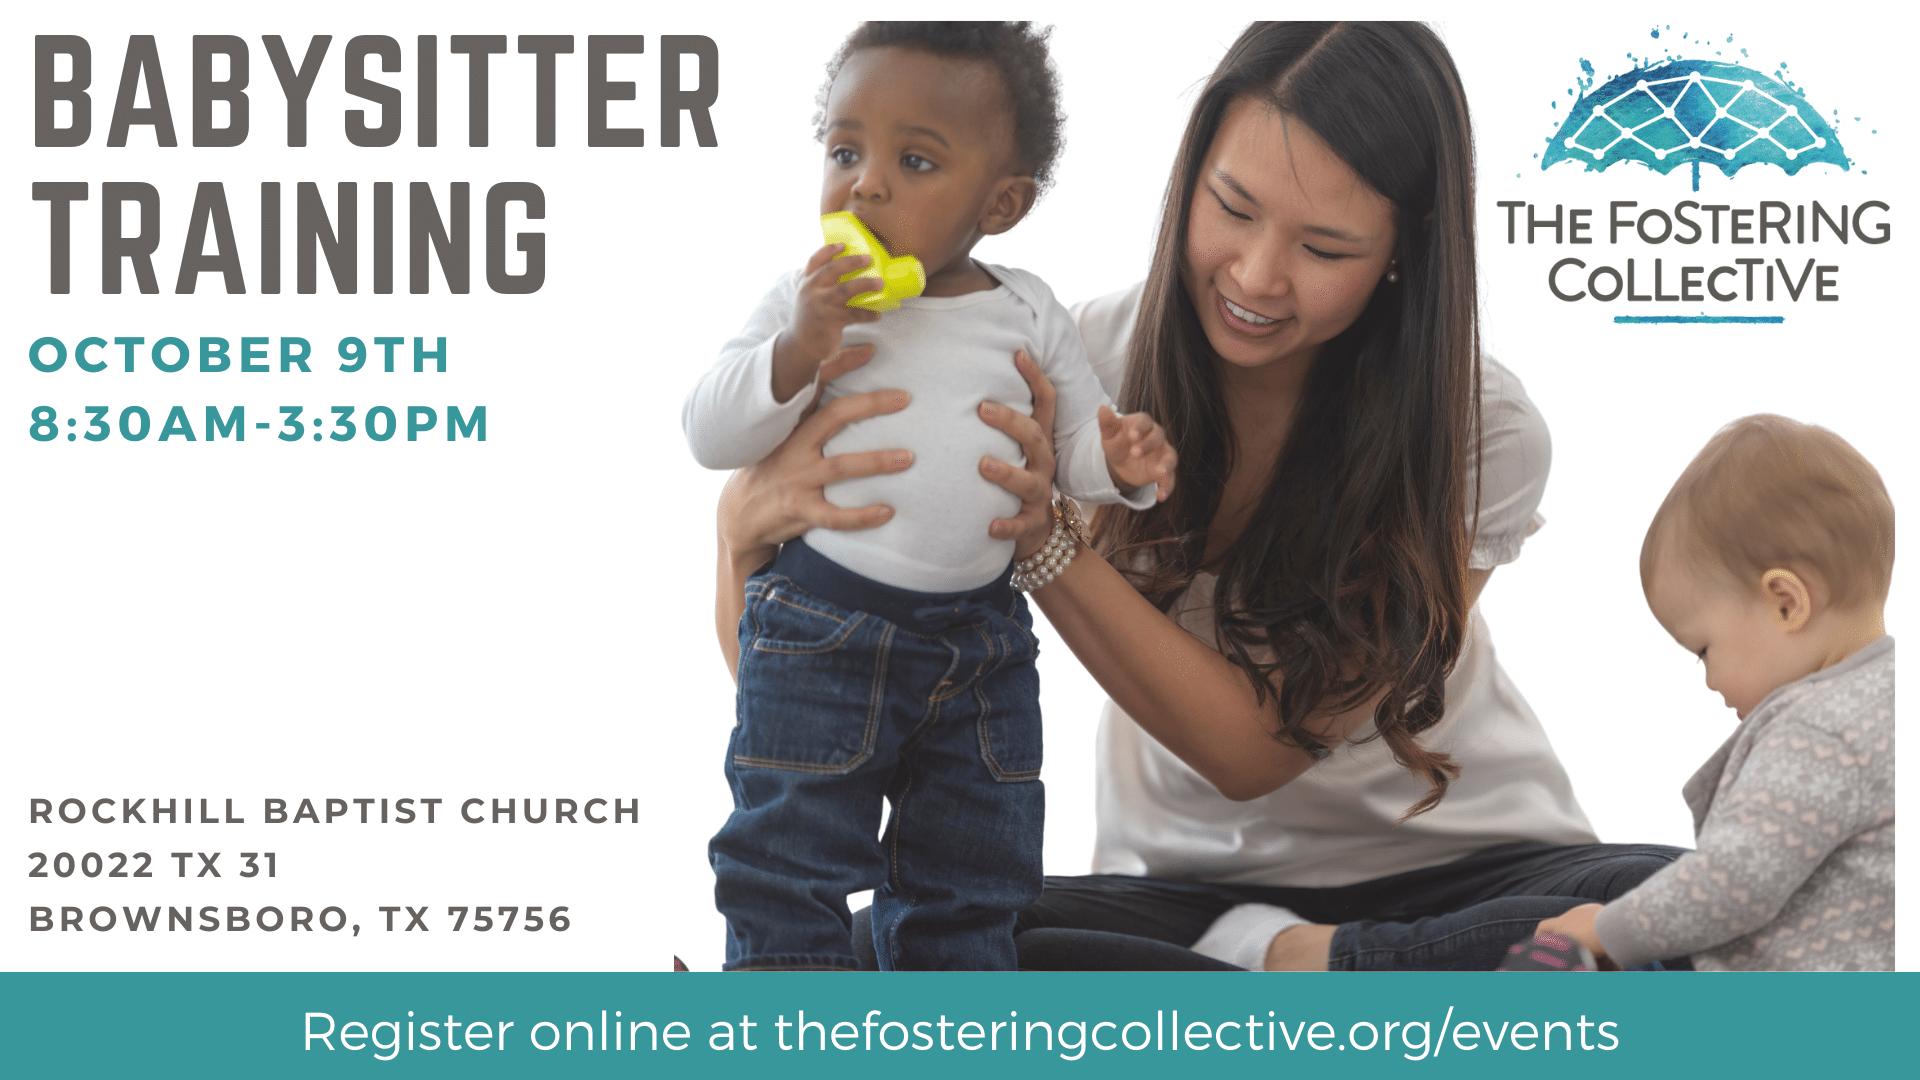 Babysitter training - October